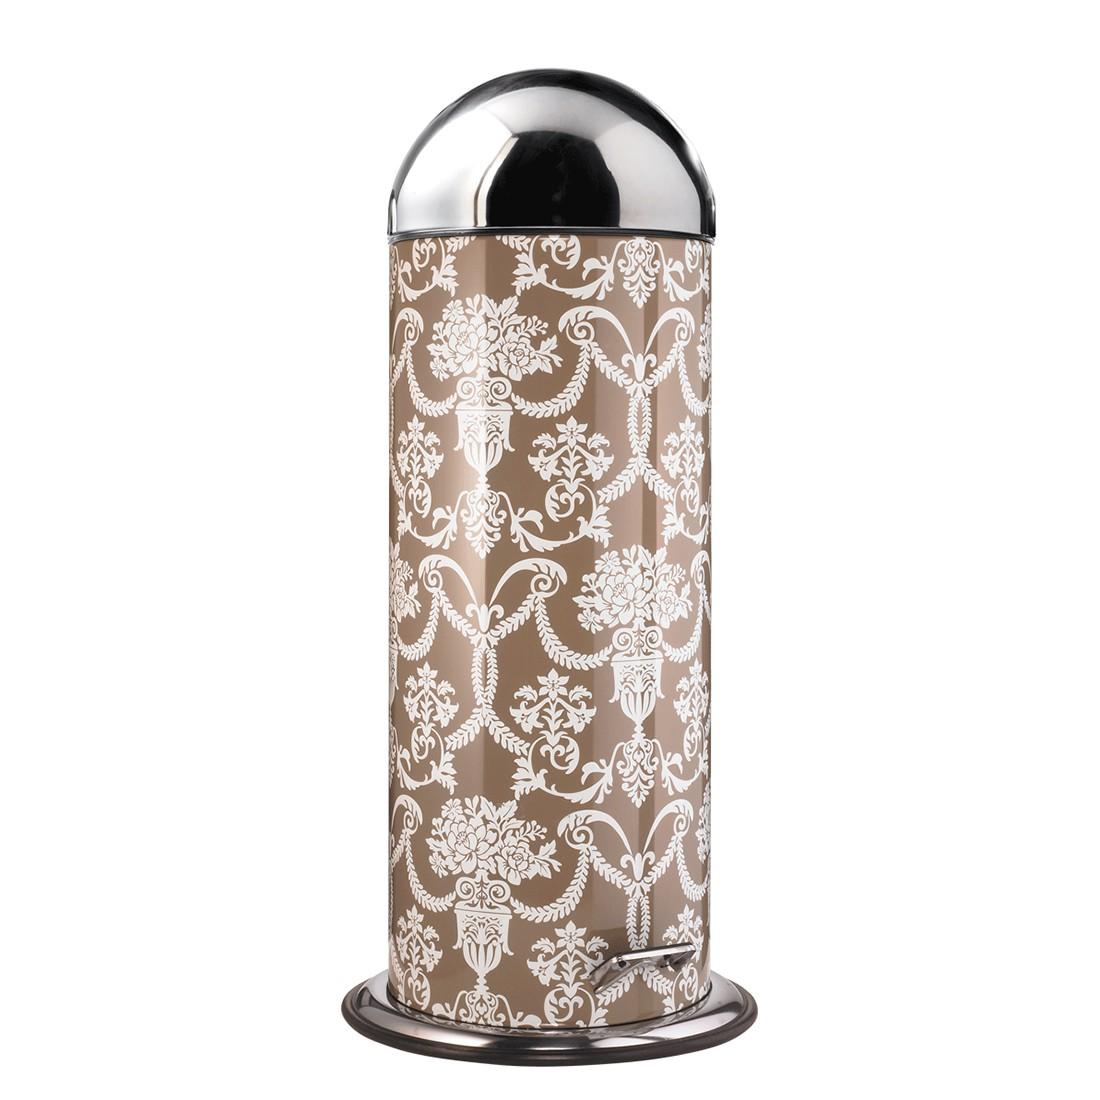 Mülleimer Ornament – Kunststoff, Edelstahl, Braun, PureDay jetzt bestellen